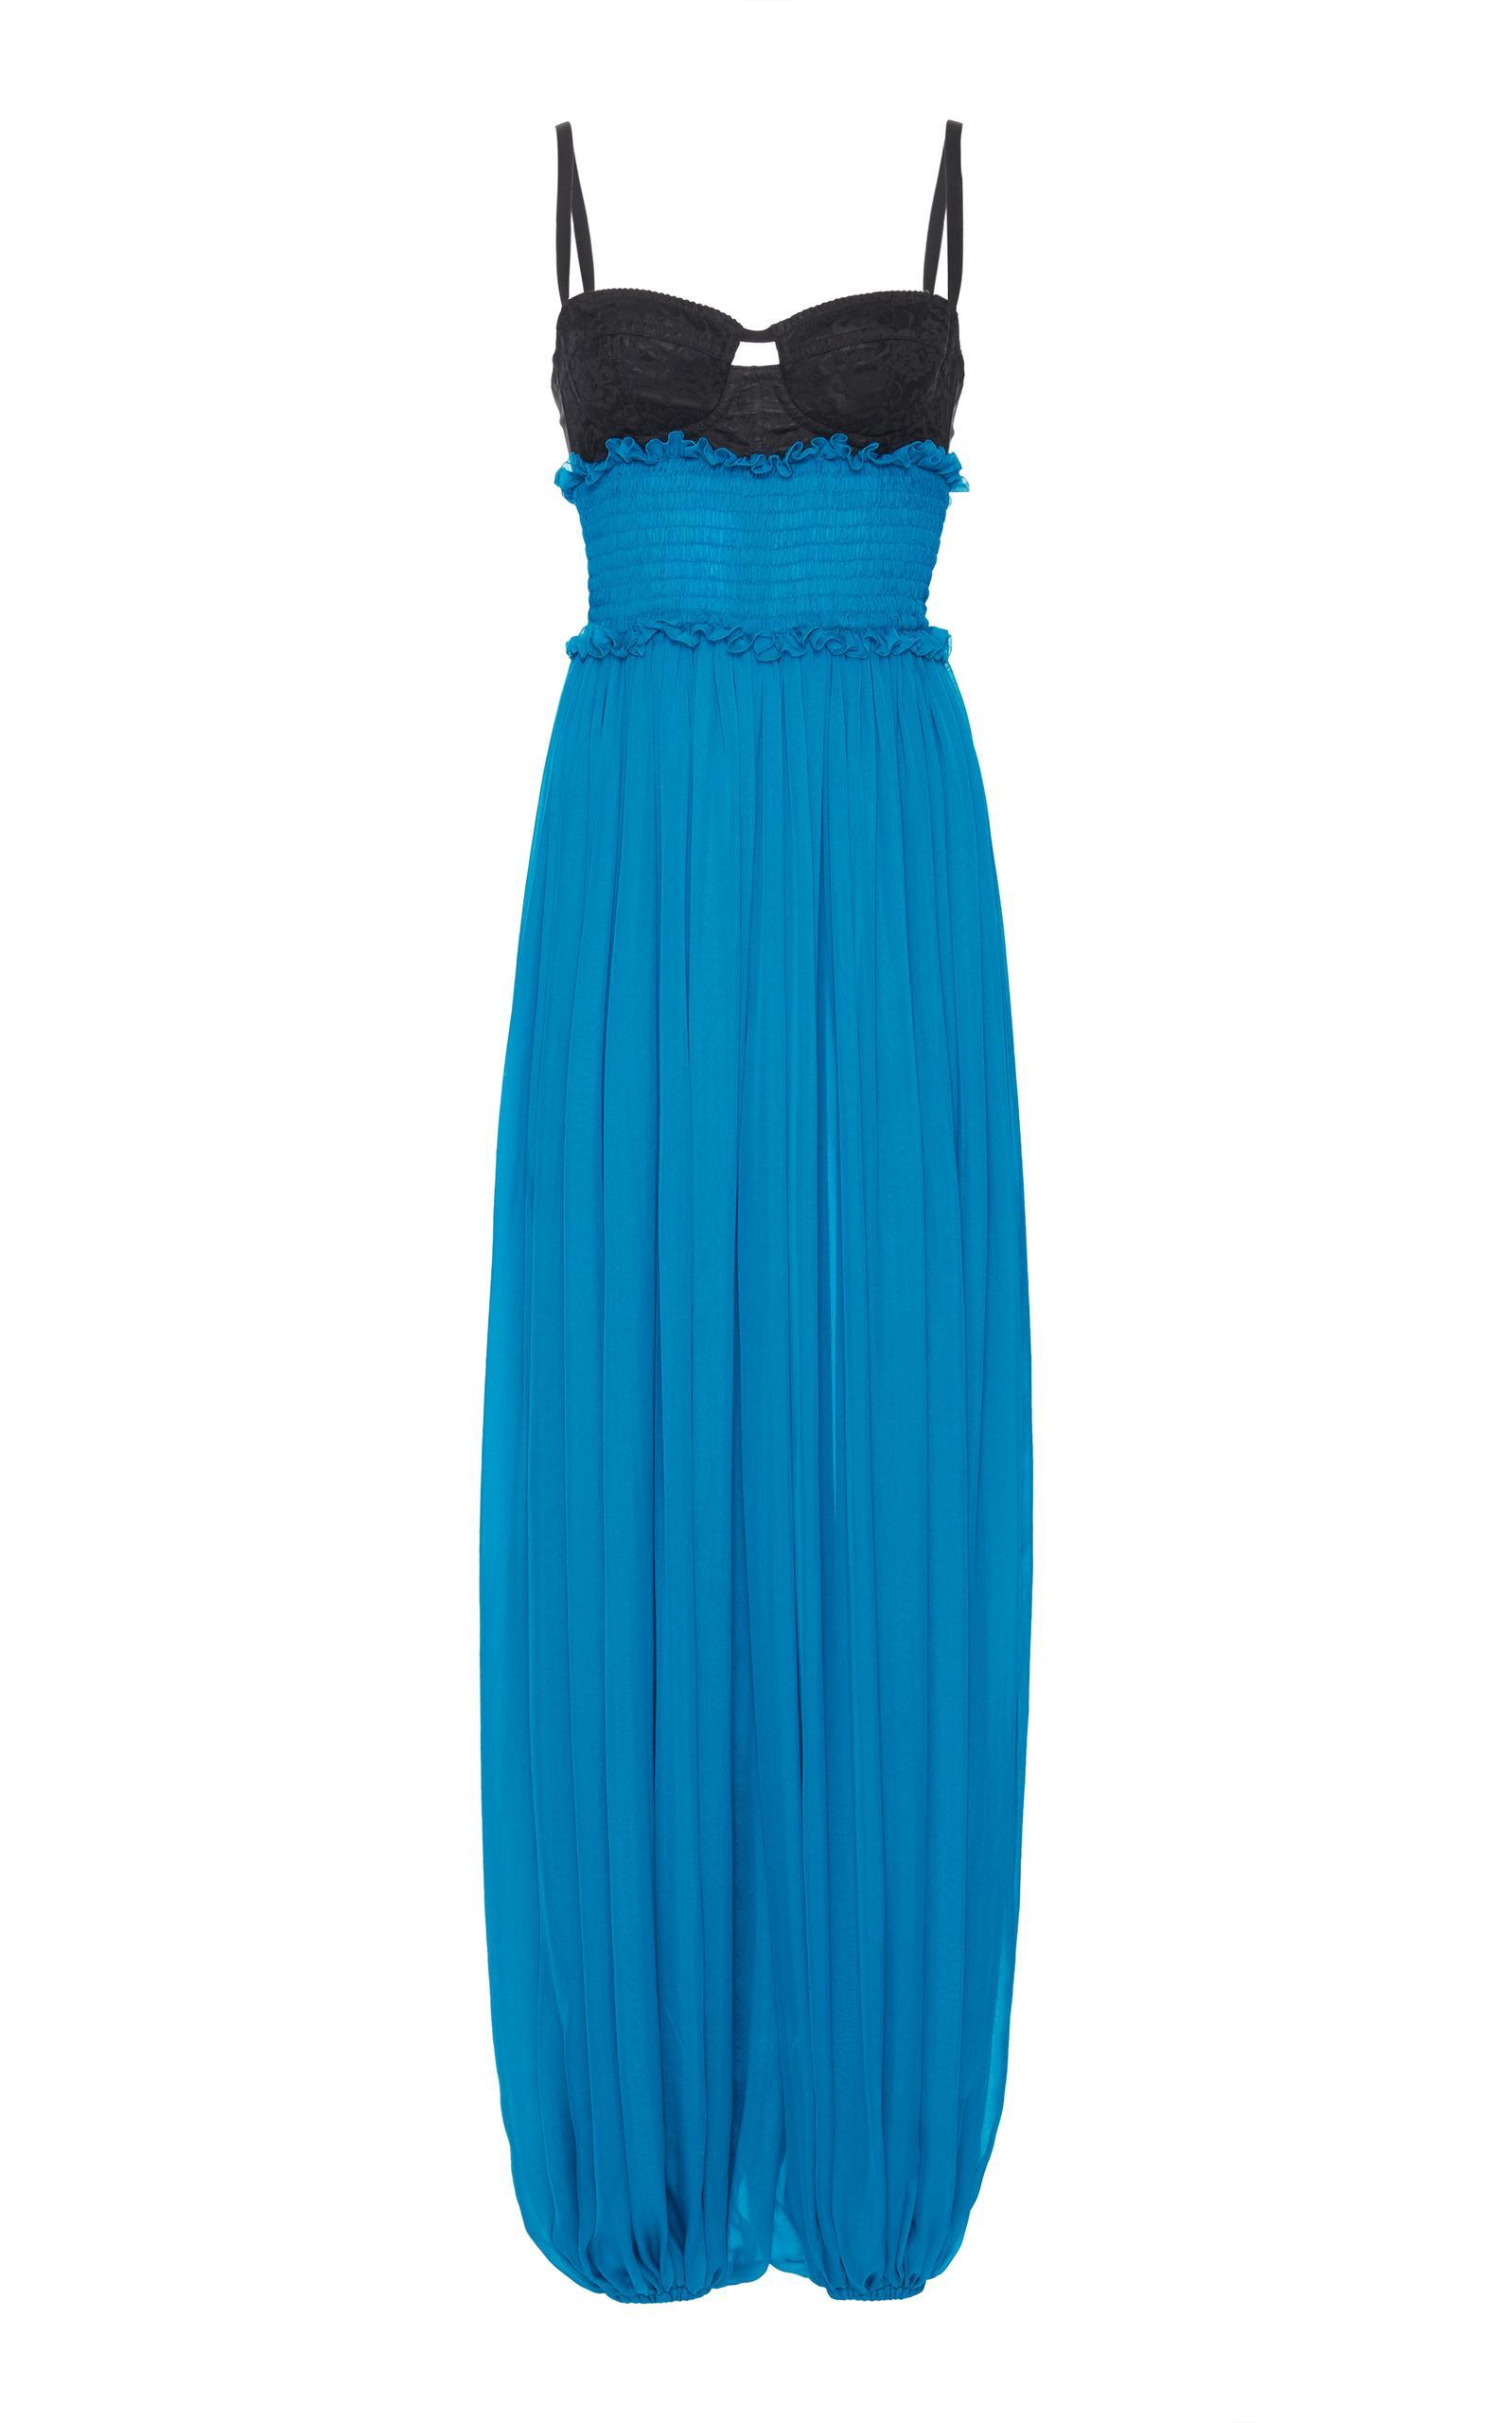 Dolce & Gabbana Bra Top Jumpsuit In Blue